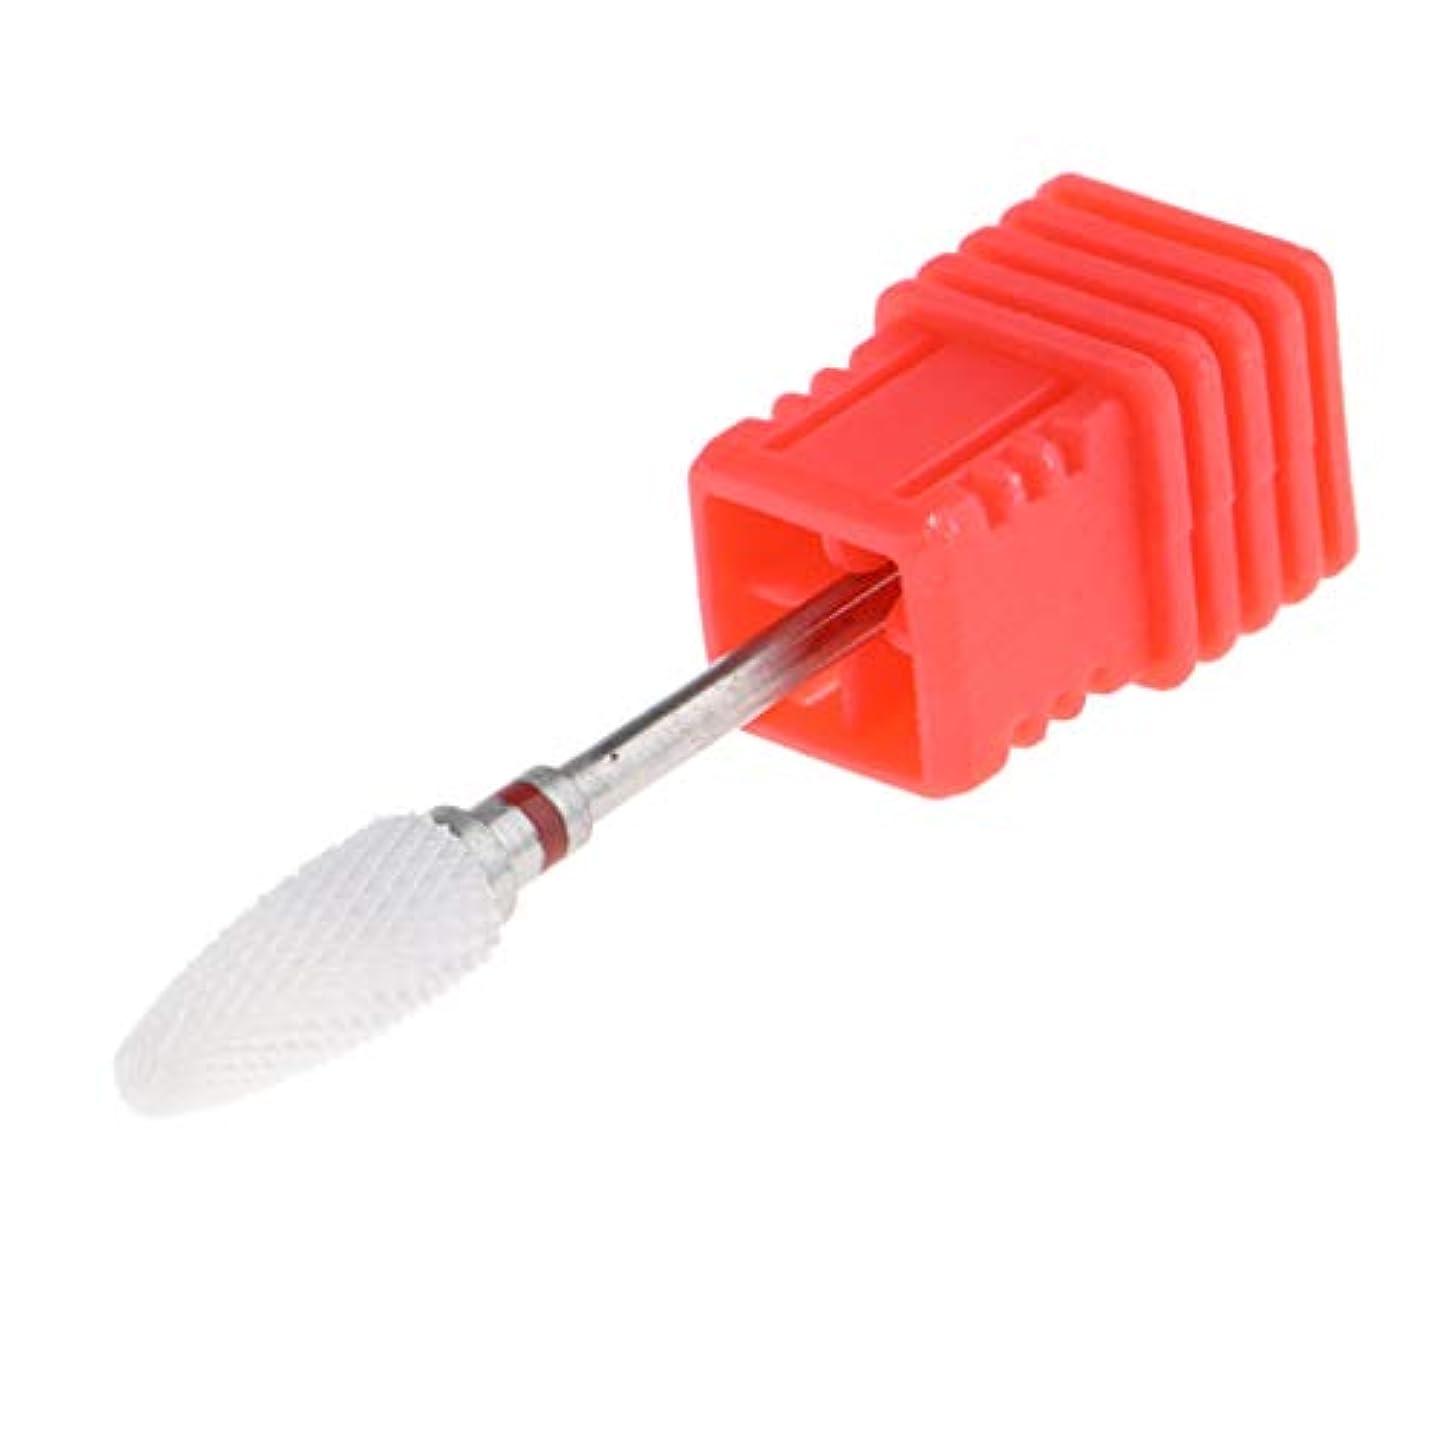 ラックマルクス主義者直面するセラミック 研磨ヘッド ネイルドリルビット 電気ネイルマシン用 全3色 - 赤(細)